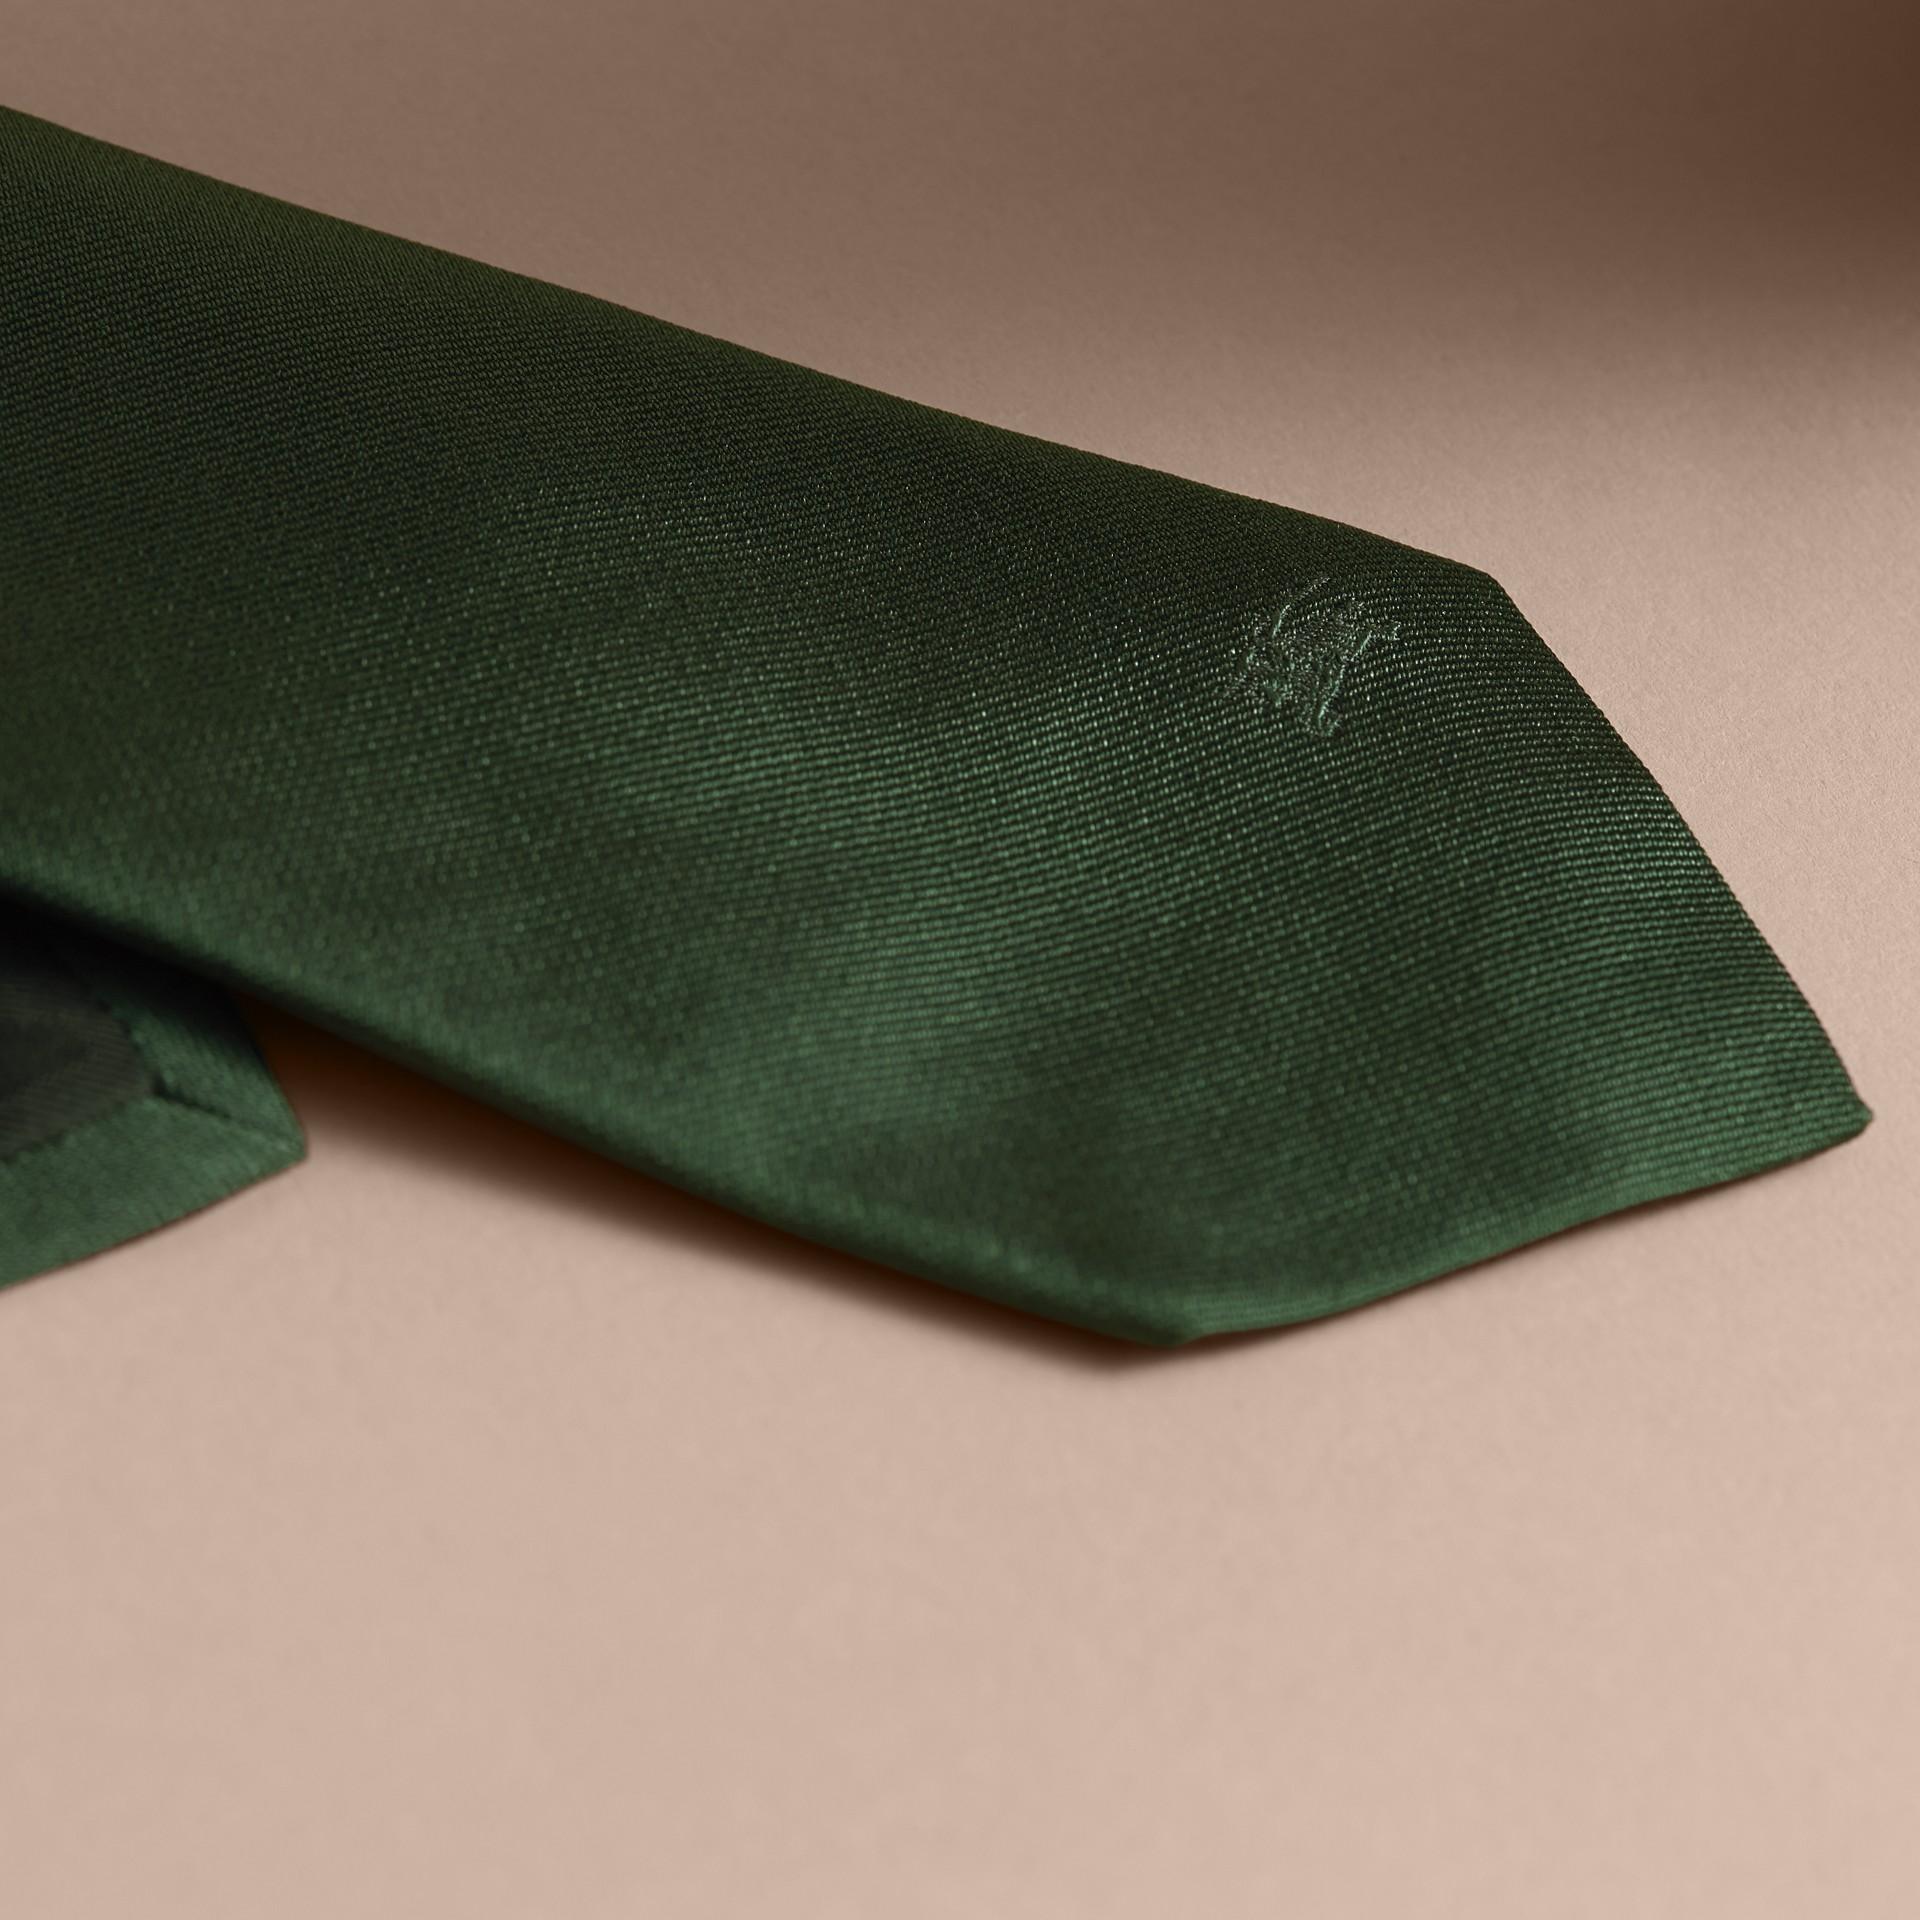 Gravata de sarja de seda com corte moderno Verde Floresta Escuro - galeria de imagens 2